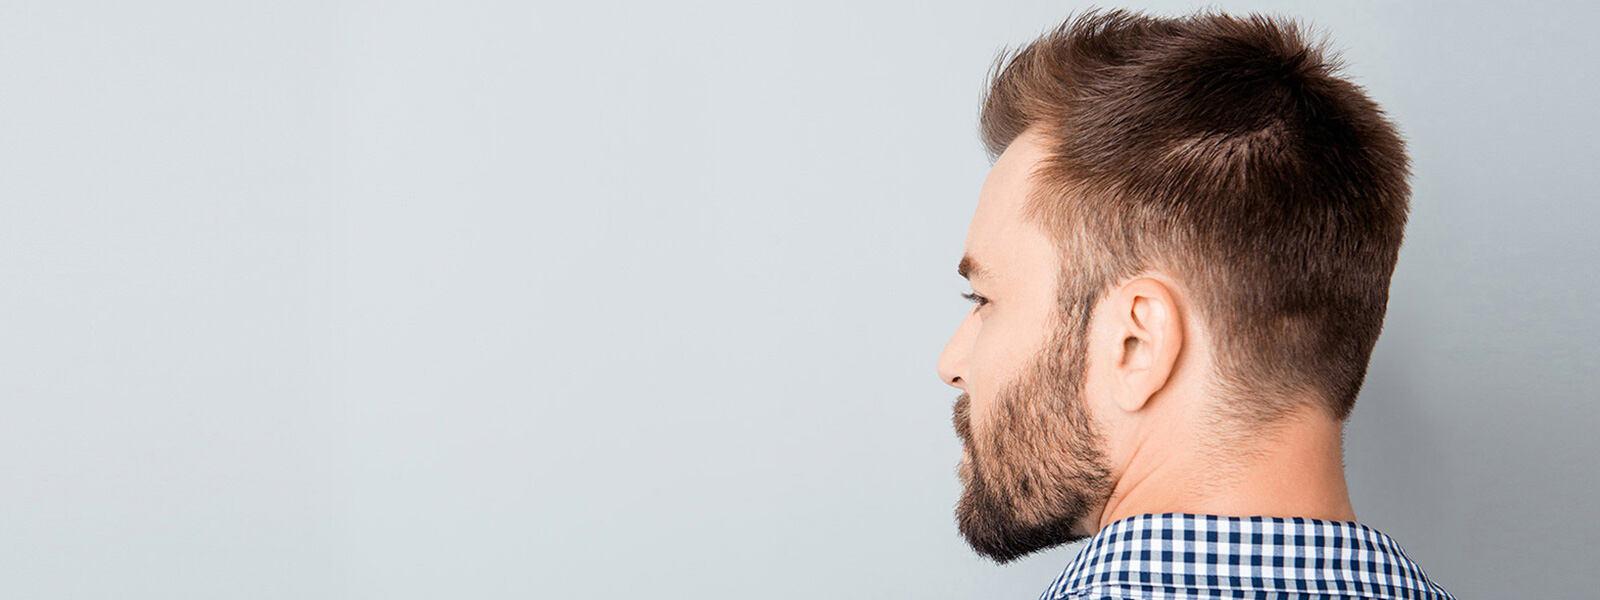 vue de dos de la tête d'un homme